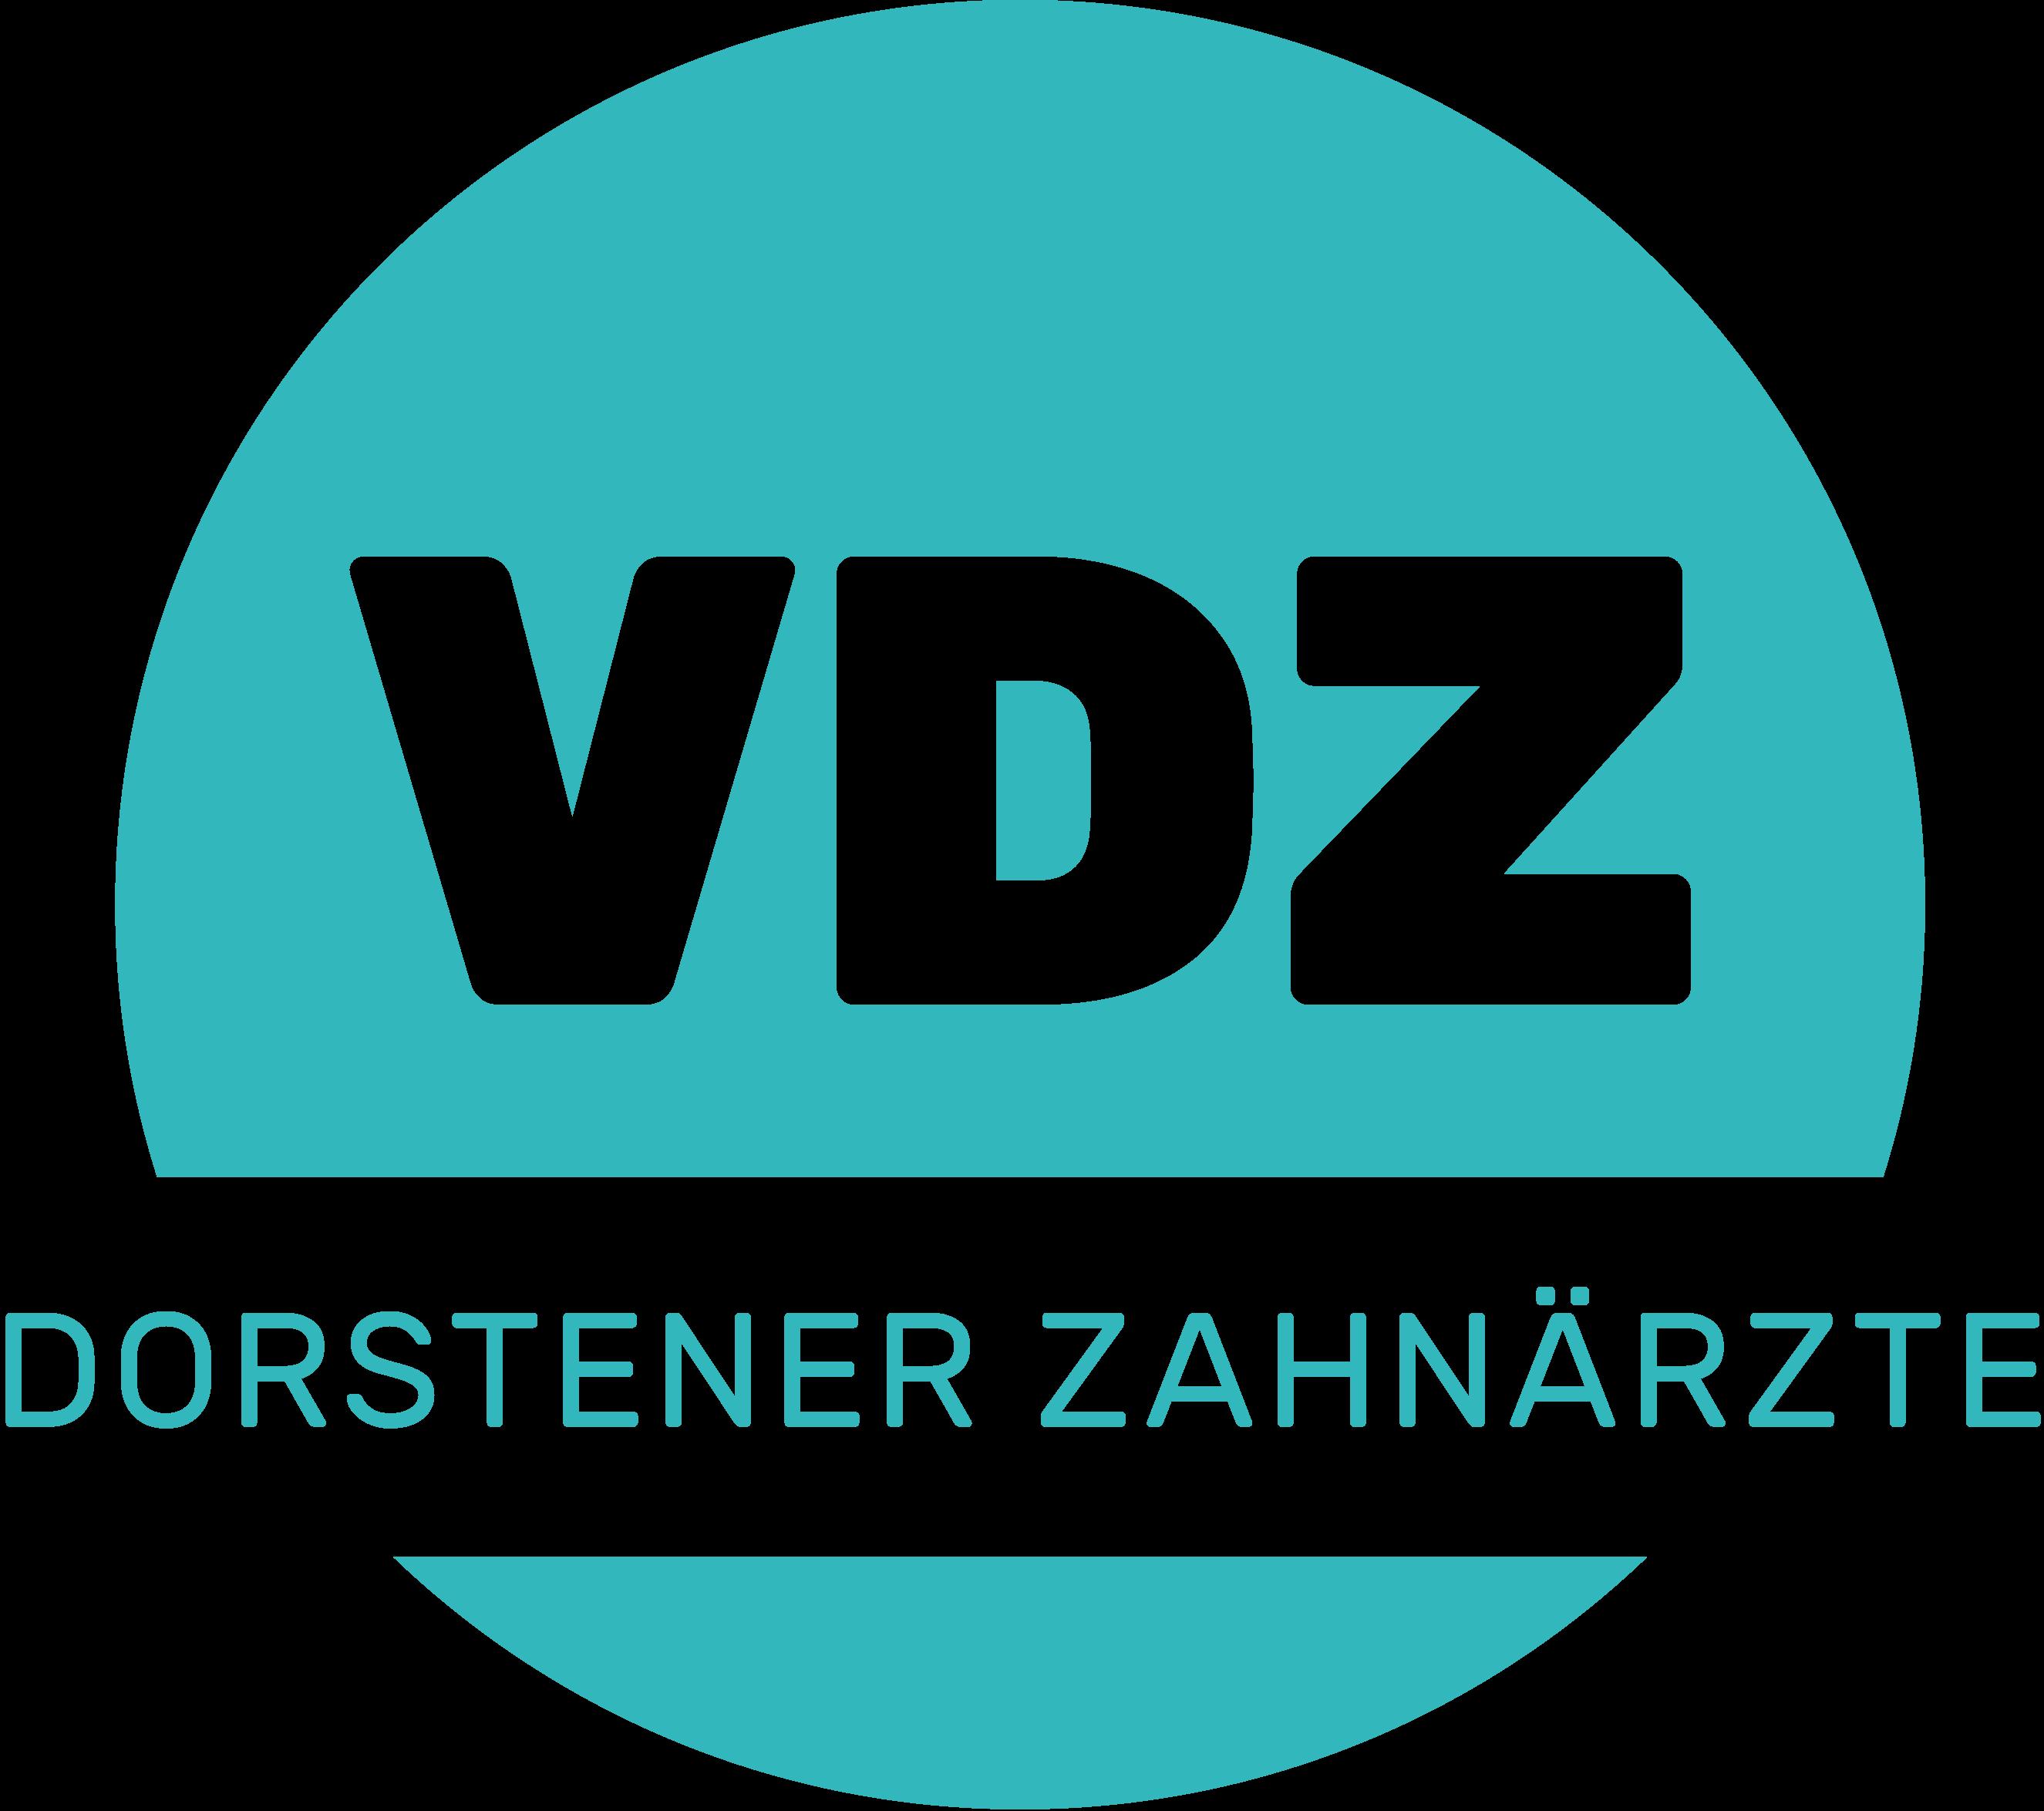 Vereinigung Dorstener Zahnärzte e.V.